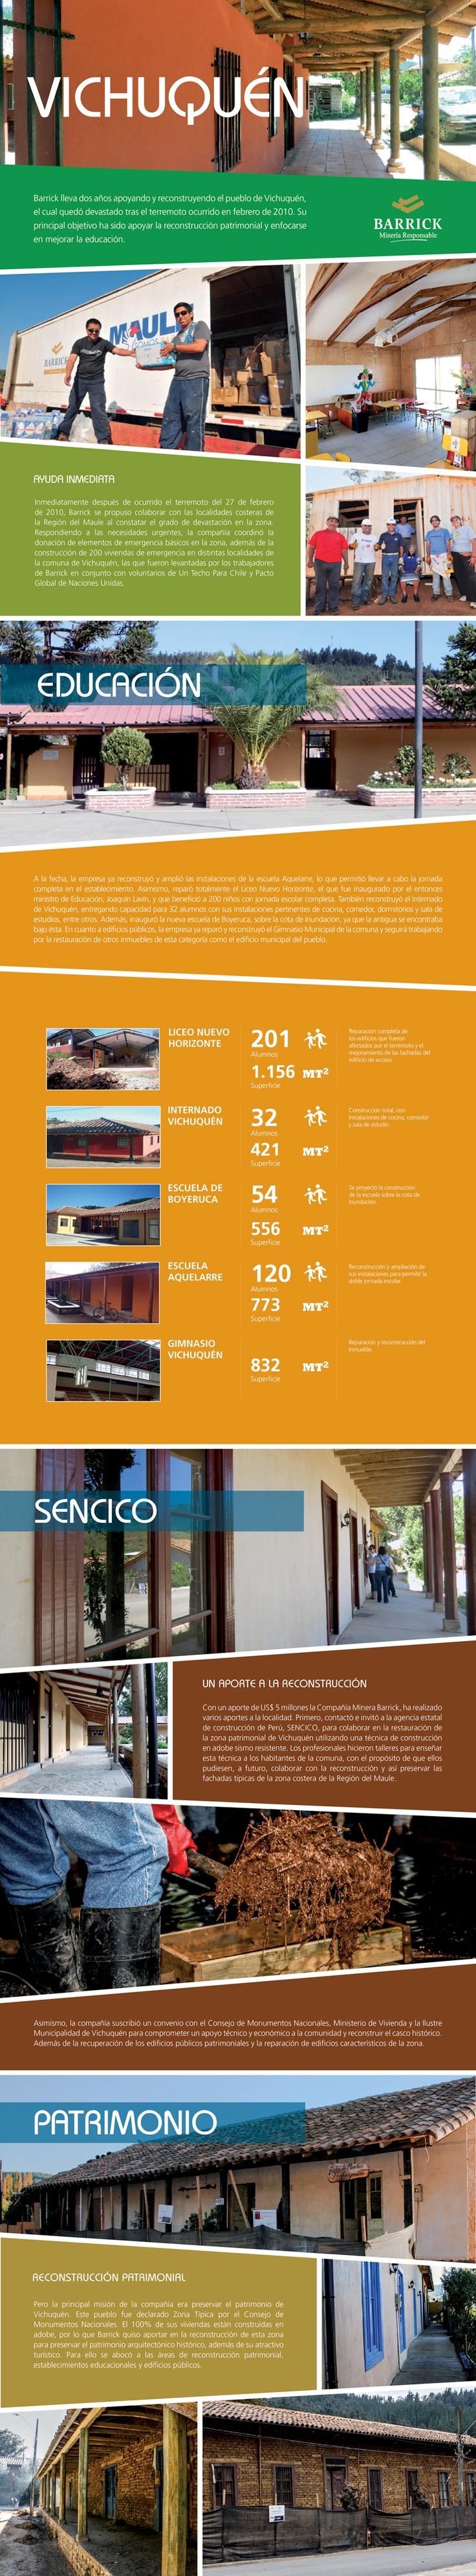 Apoyando y reconstruyendo el pueblo de Vichuquén -  Infografía completa en el sitio de Barrick Sudamérica http://barricksudamerica.com